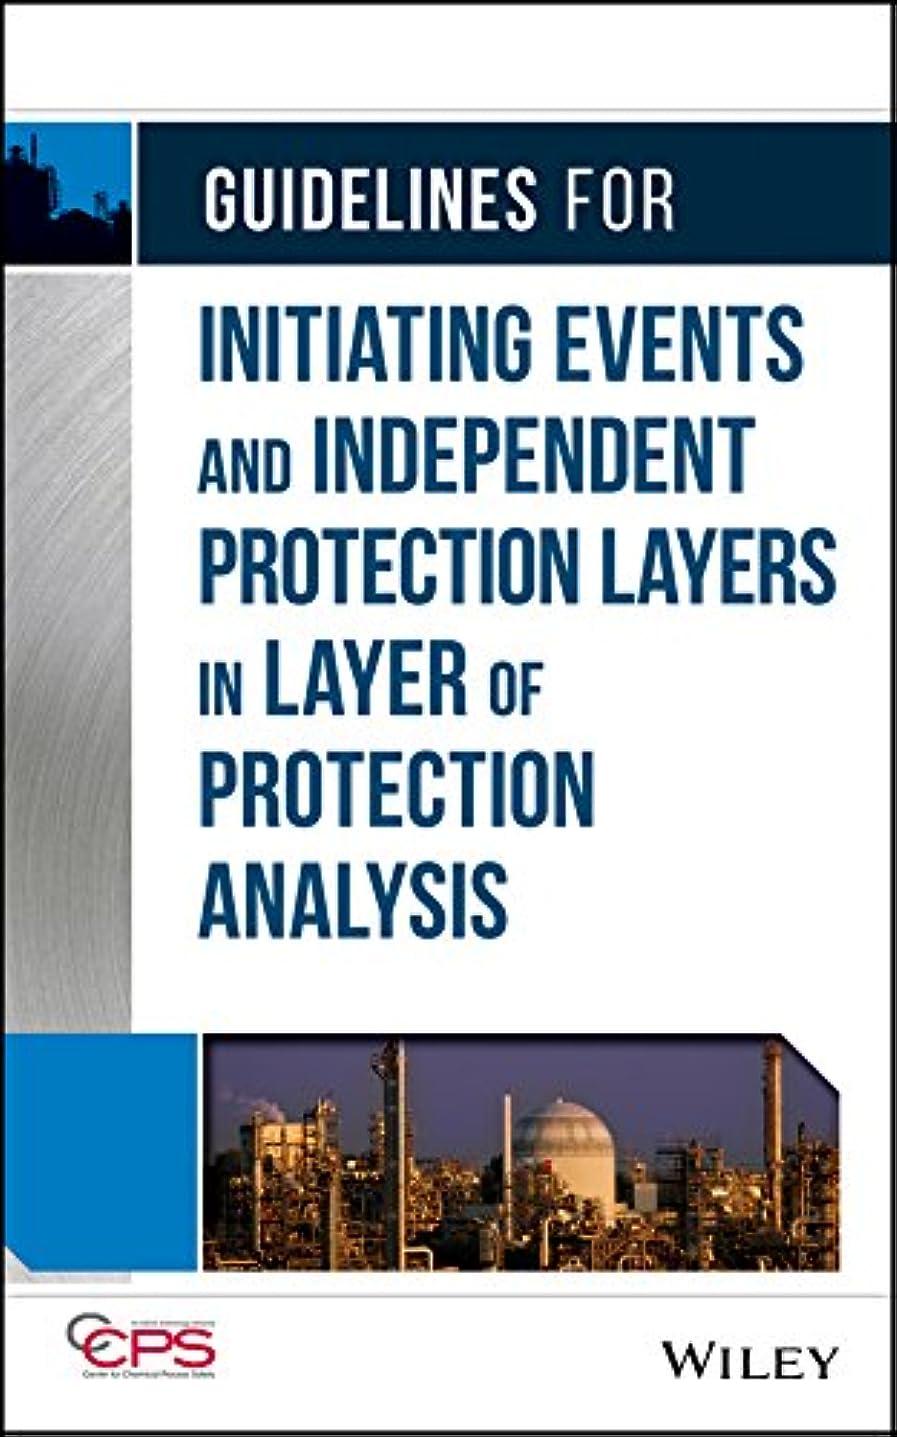 内なる飢送るGuidelines for Initiating Events and Independent Protection Layers in Layer of Protection Analysis (English Edition)